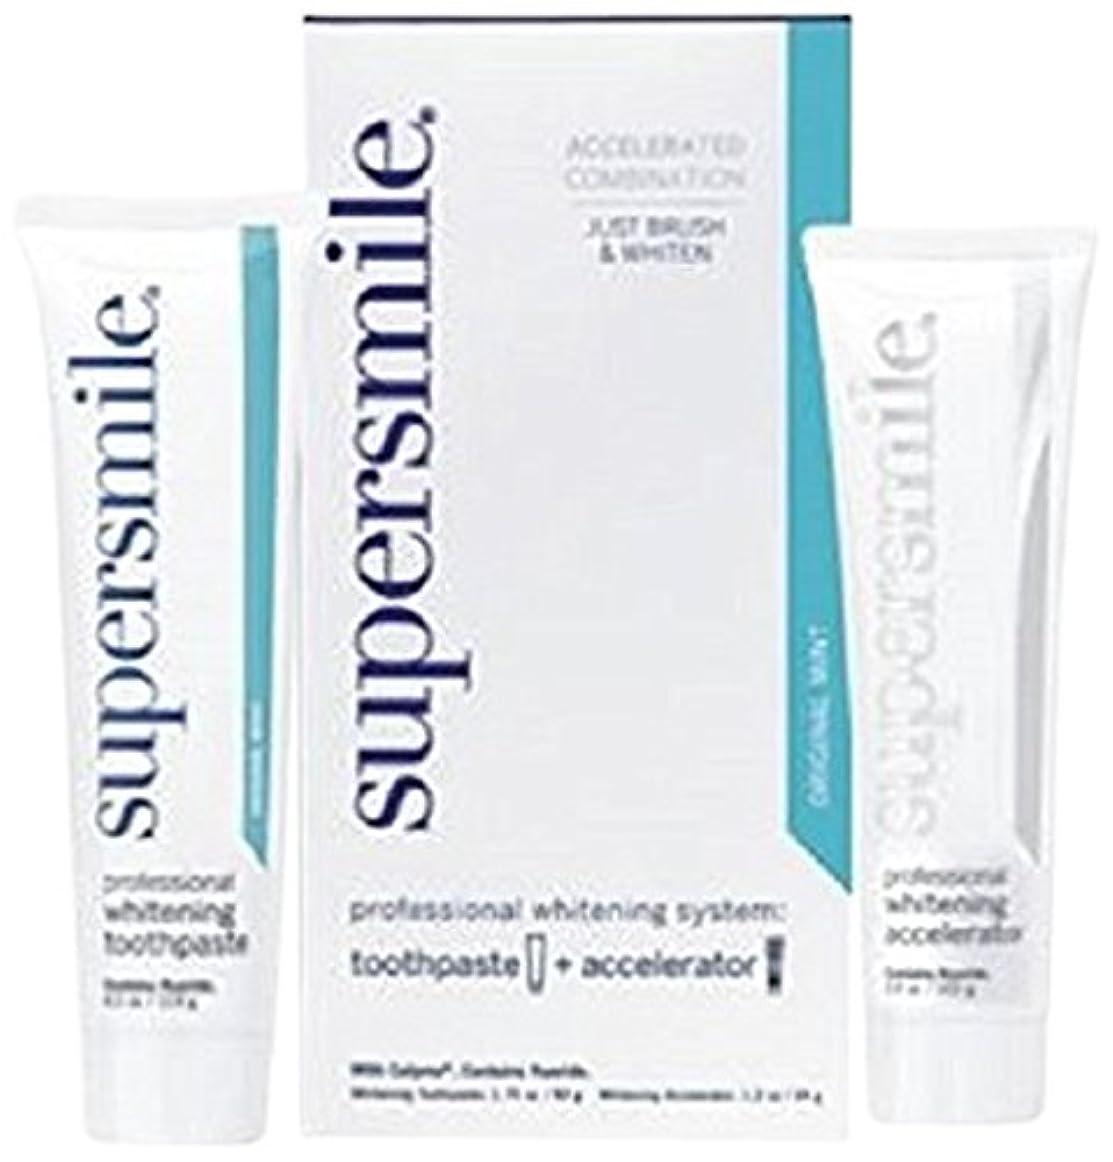 周術期ゴミ箱を空にする心からSupersmile Professional Whitening System: Toothpaste 50g/1.75oz + Accelerator 34g/1.2oz - 2pcs by SuperSmile